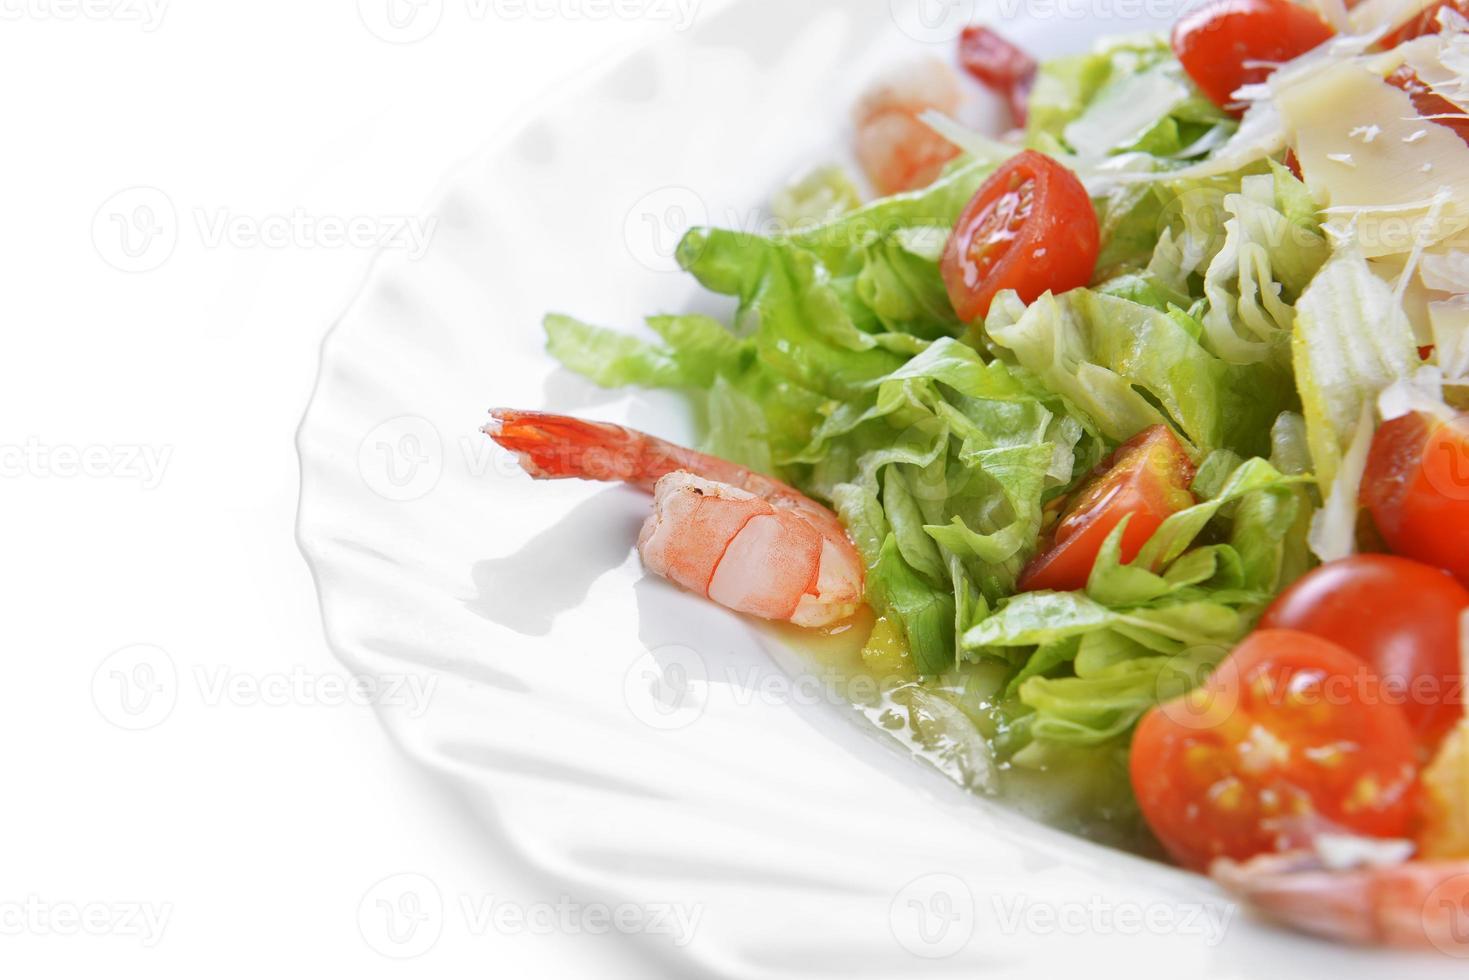 ensalada con mariscos foto